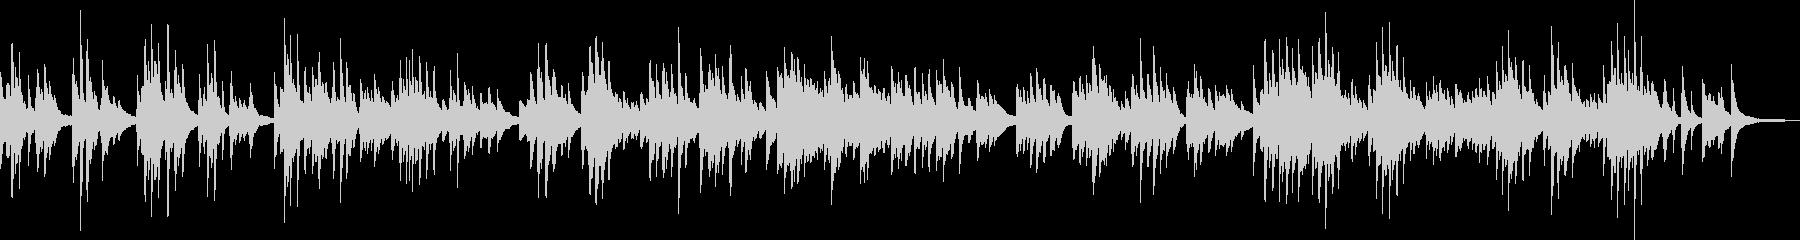 悲しいピアノバラード(孤独・憂い)の未再生の波形